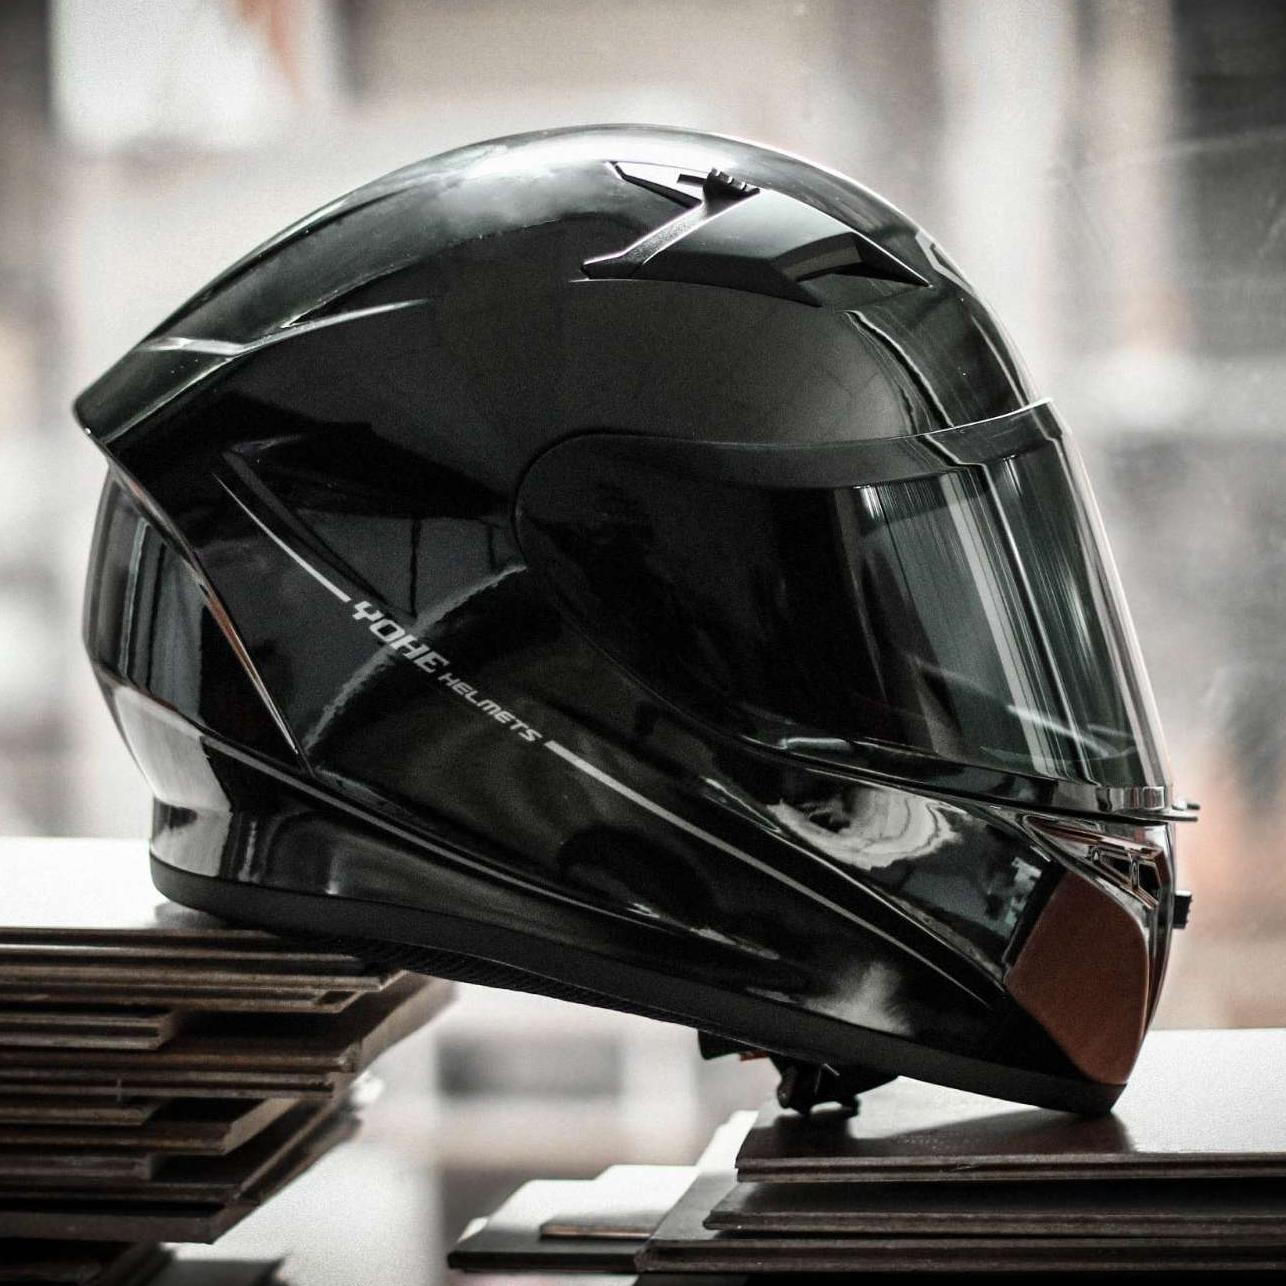 Đôi nét về thương hiệu mũ bảo hiểm cả đầu YOHE